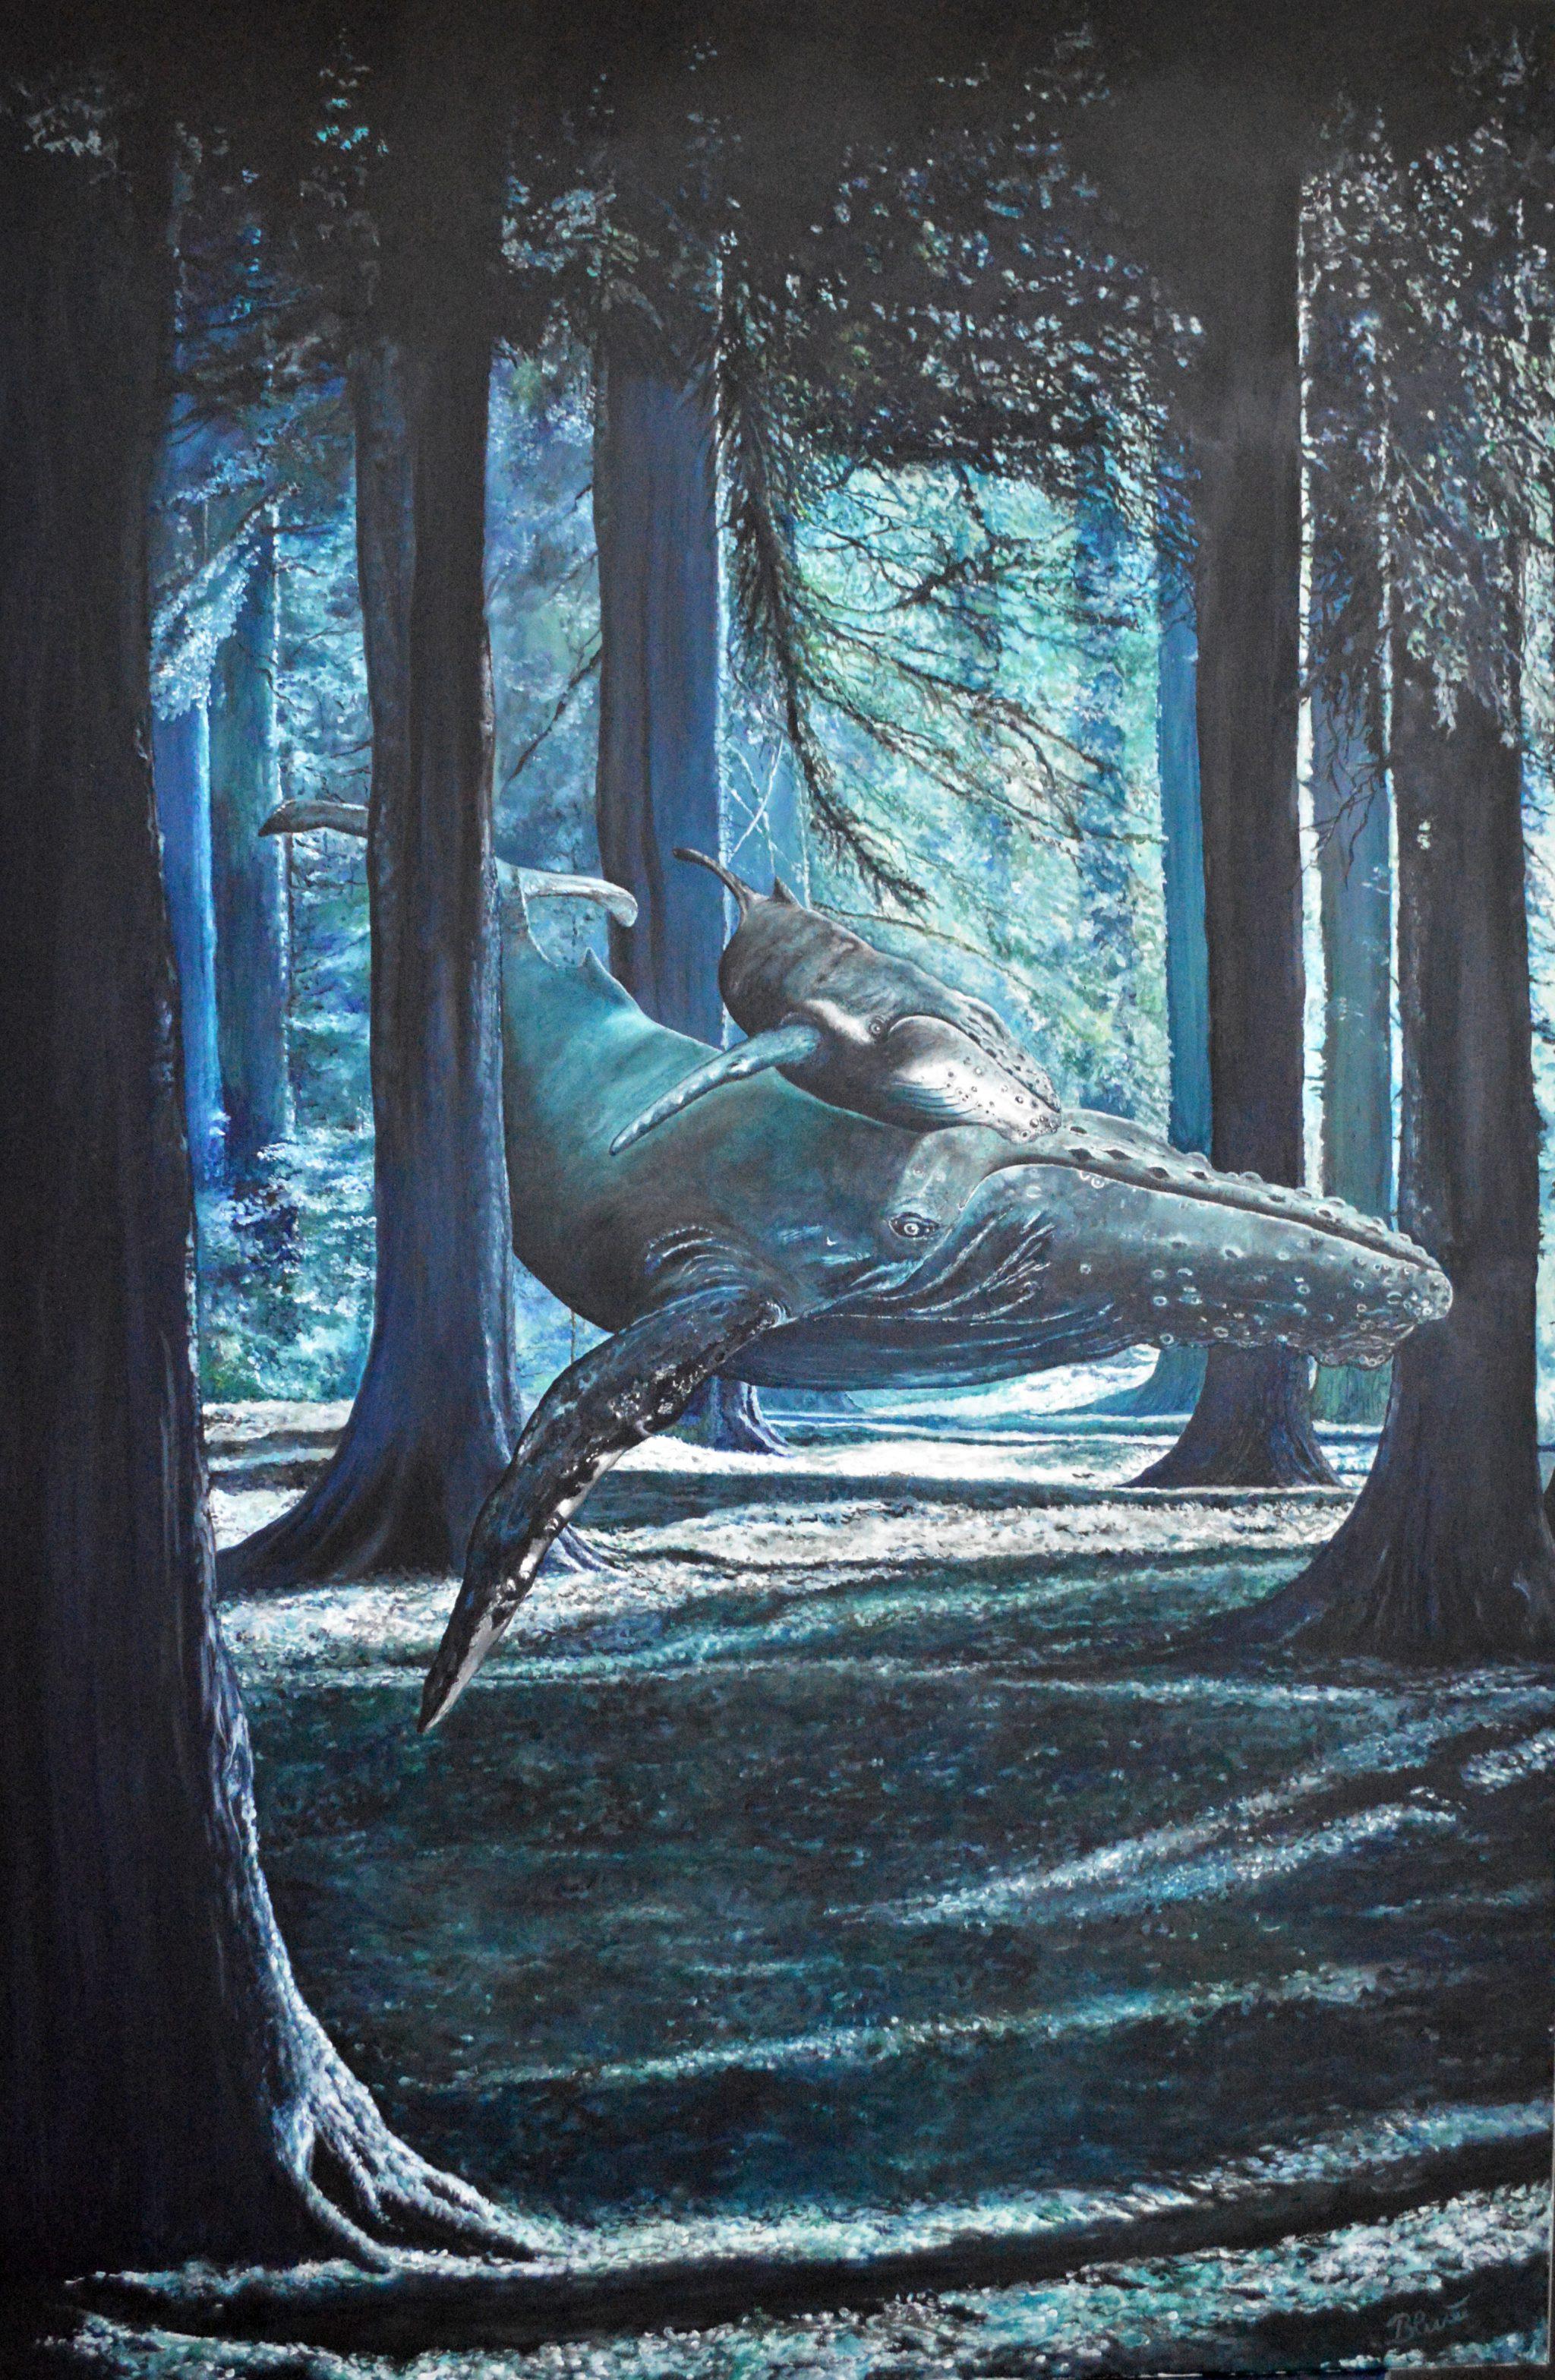 Magic forest, Öl/Leinwand, 150cm x 100cm